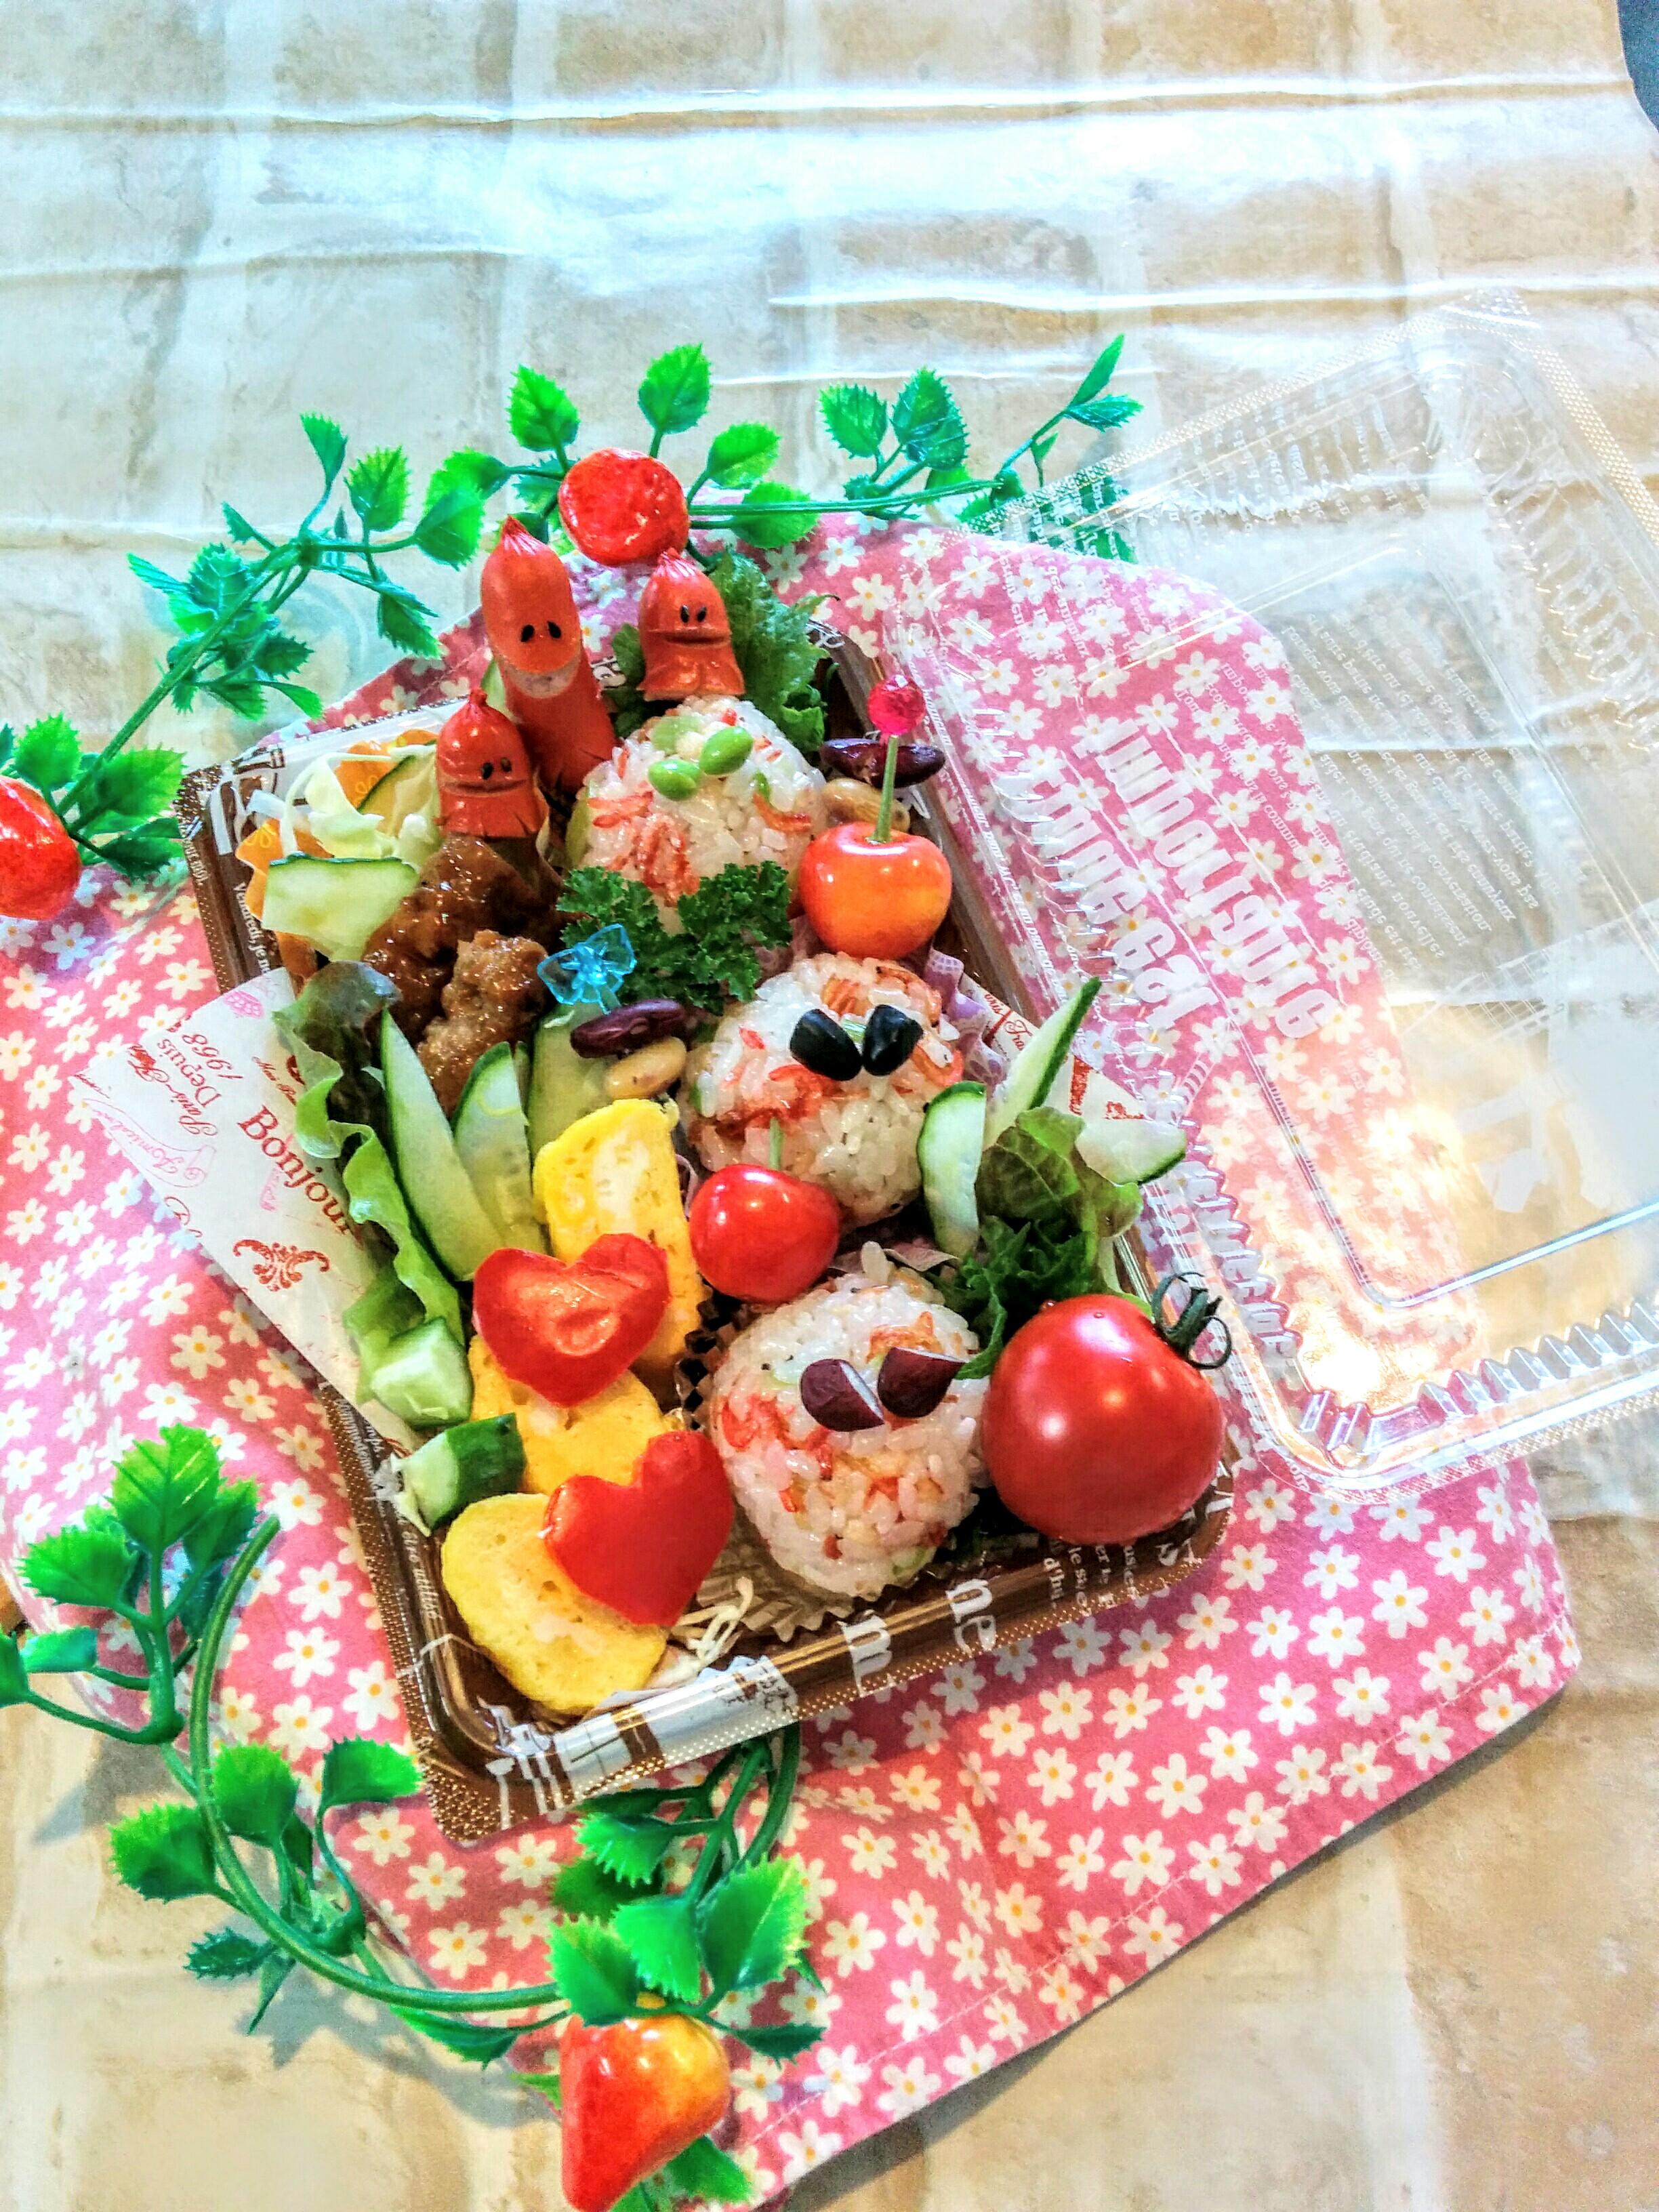 【小樽】娘の今日のお弁当・干しエビと天かす入りお握り弁当グルメ案内です。